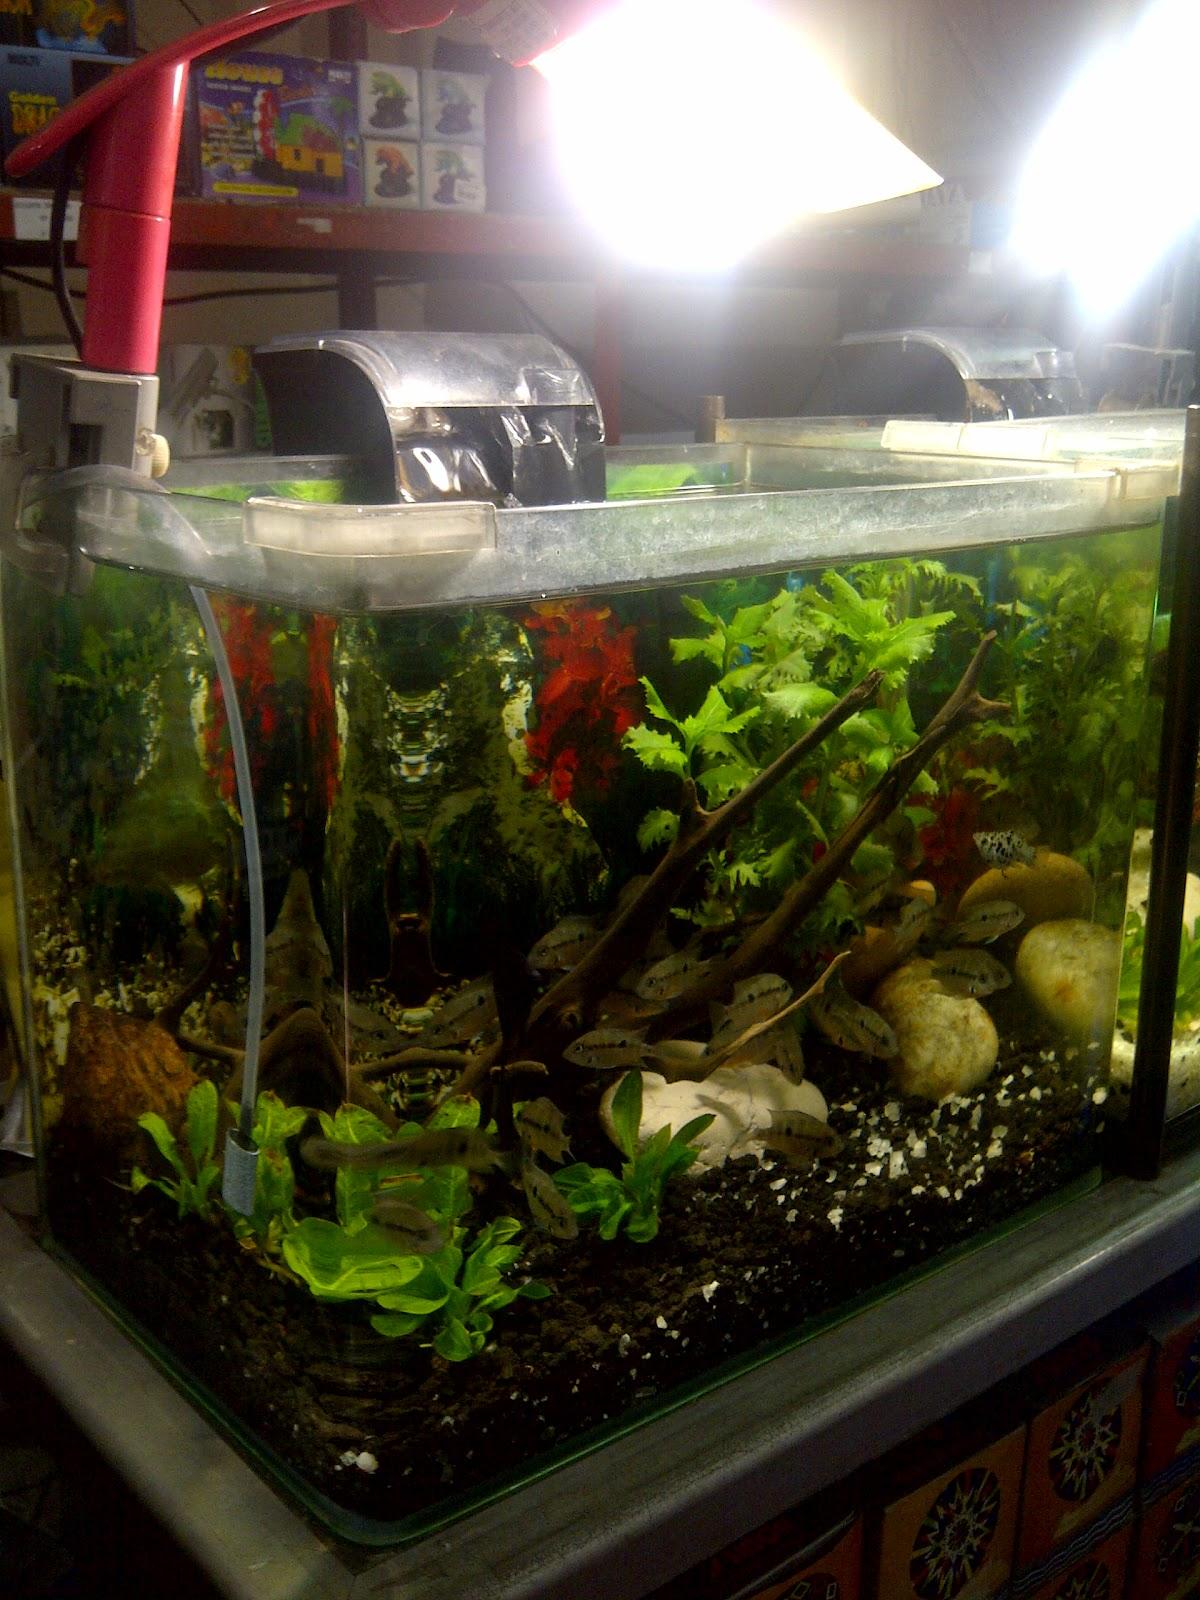 Rejeki Aquarium Nikita Size L Ukuran 40 X 25 28cm Dekorasi Di Atas Ini Mengunakan Pasir Malangwarna Hitam Dan Merk Koun Sudut Kaca Depan Kiri Kanan Tanpa Sambungan